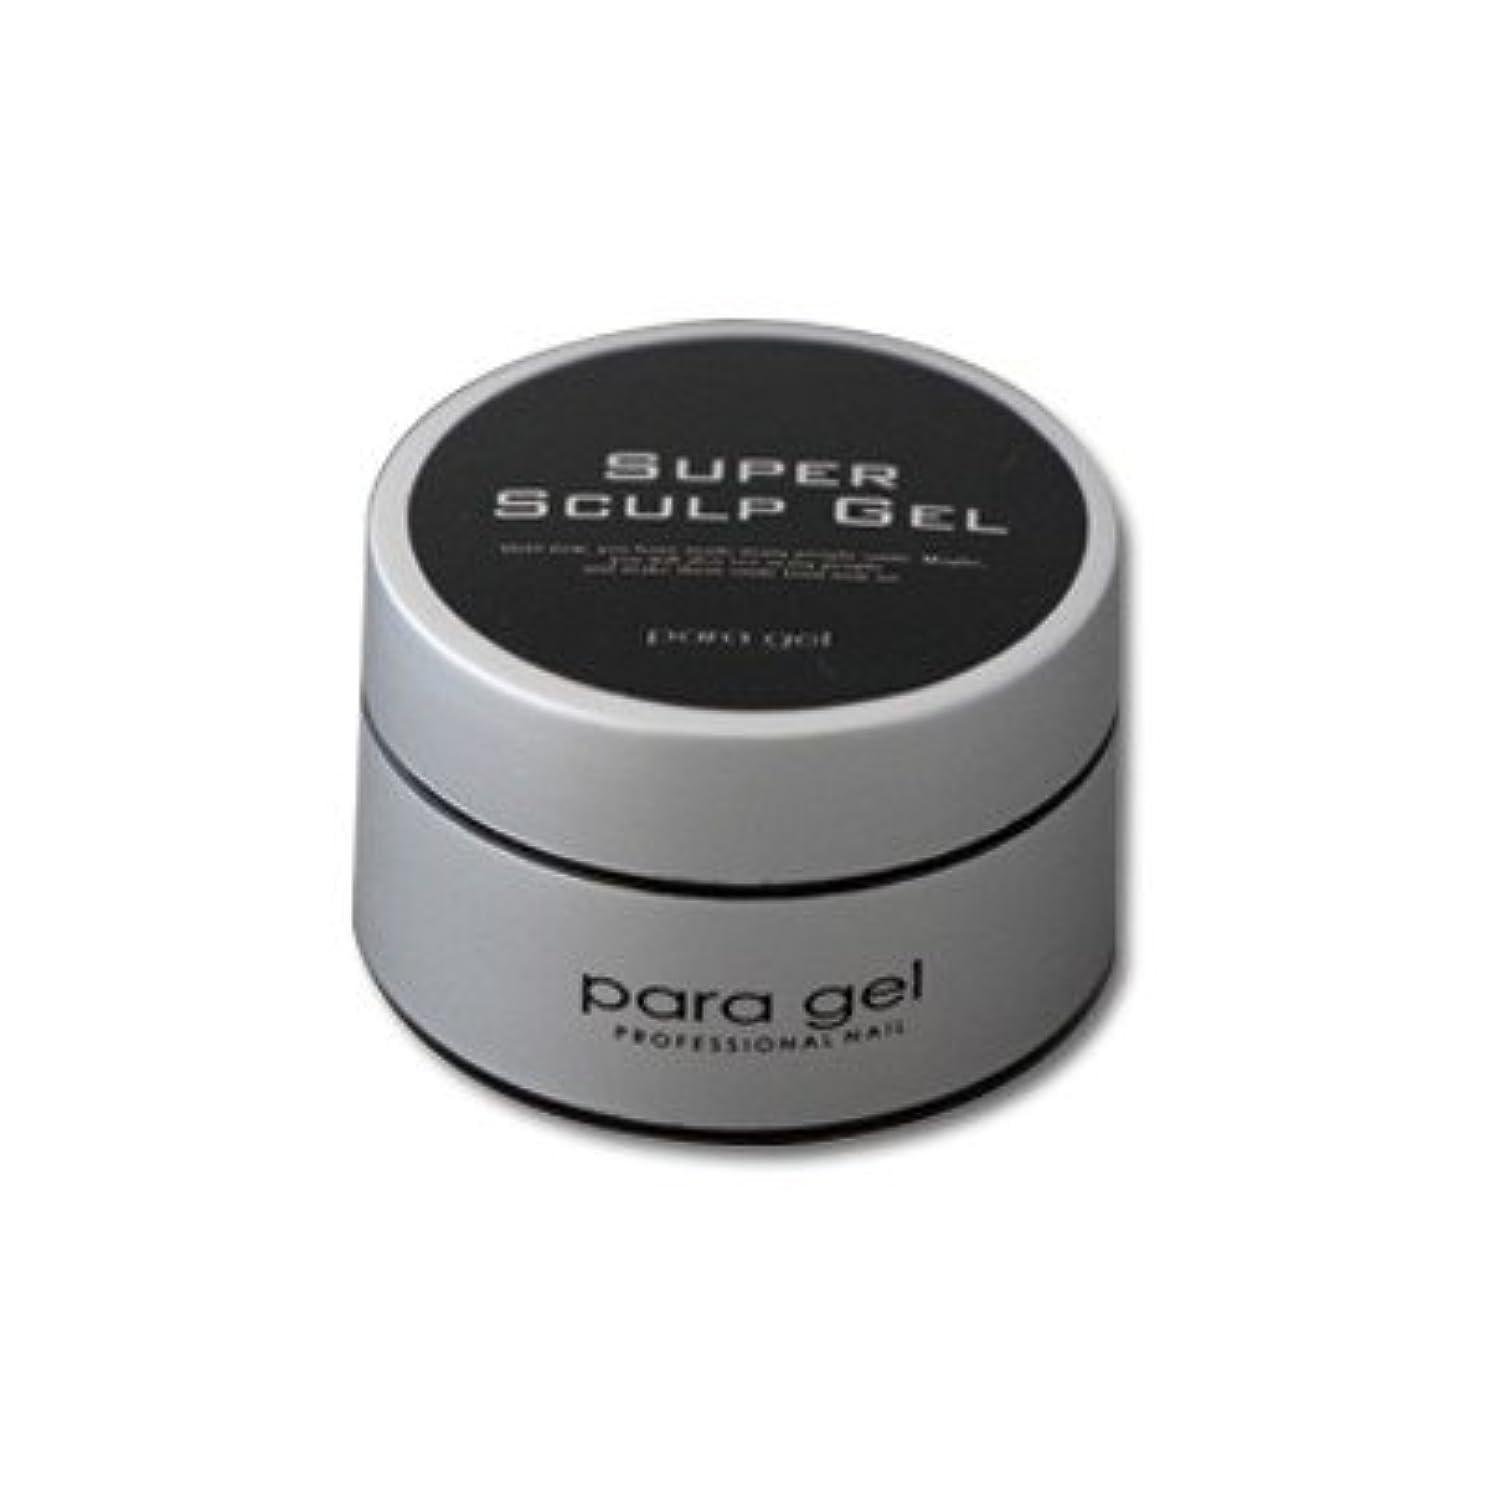 雑種厳野心para gel(パラジェル) スーパースカルプジェル 10g